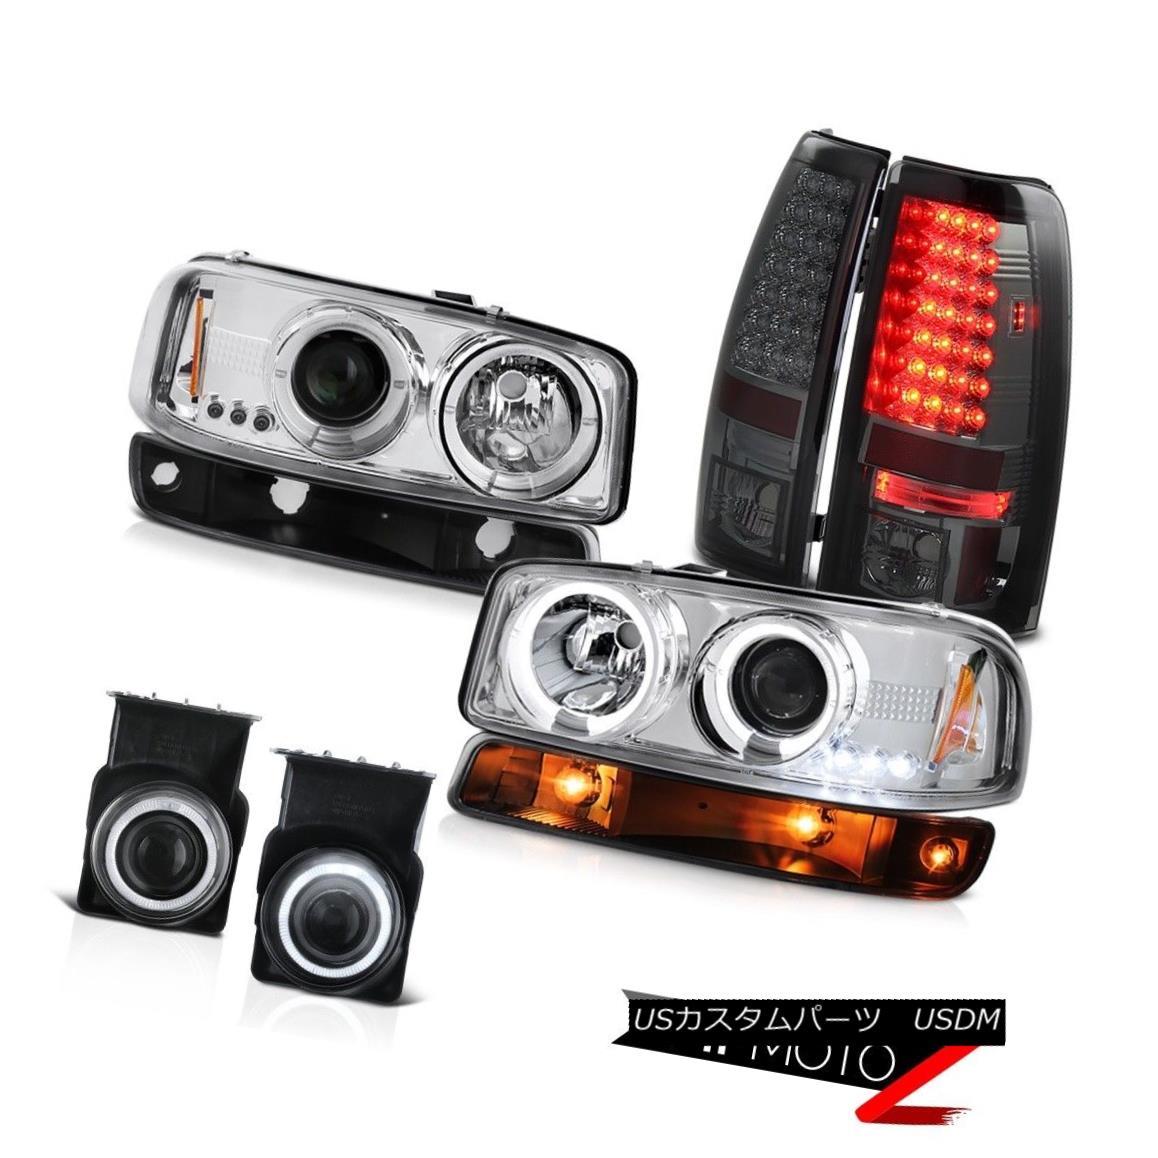 テールライト 03-06 Sierra WT Fog lamps dark smoke rear brake black turn signal Headlights 03-06シエラWTフォグランプダークスモークリアブレーキブラックターンシグナルヘッドライト